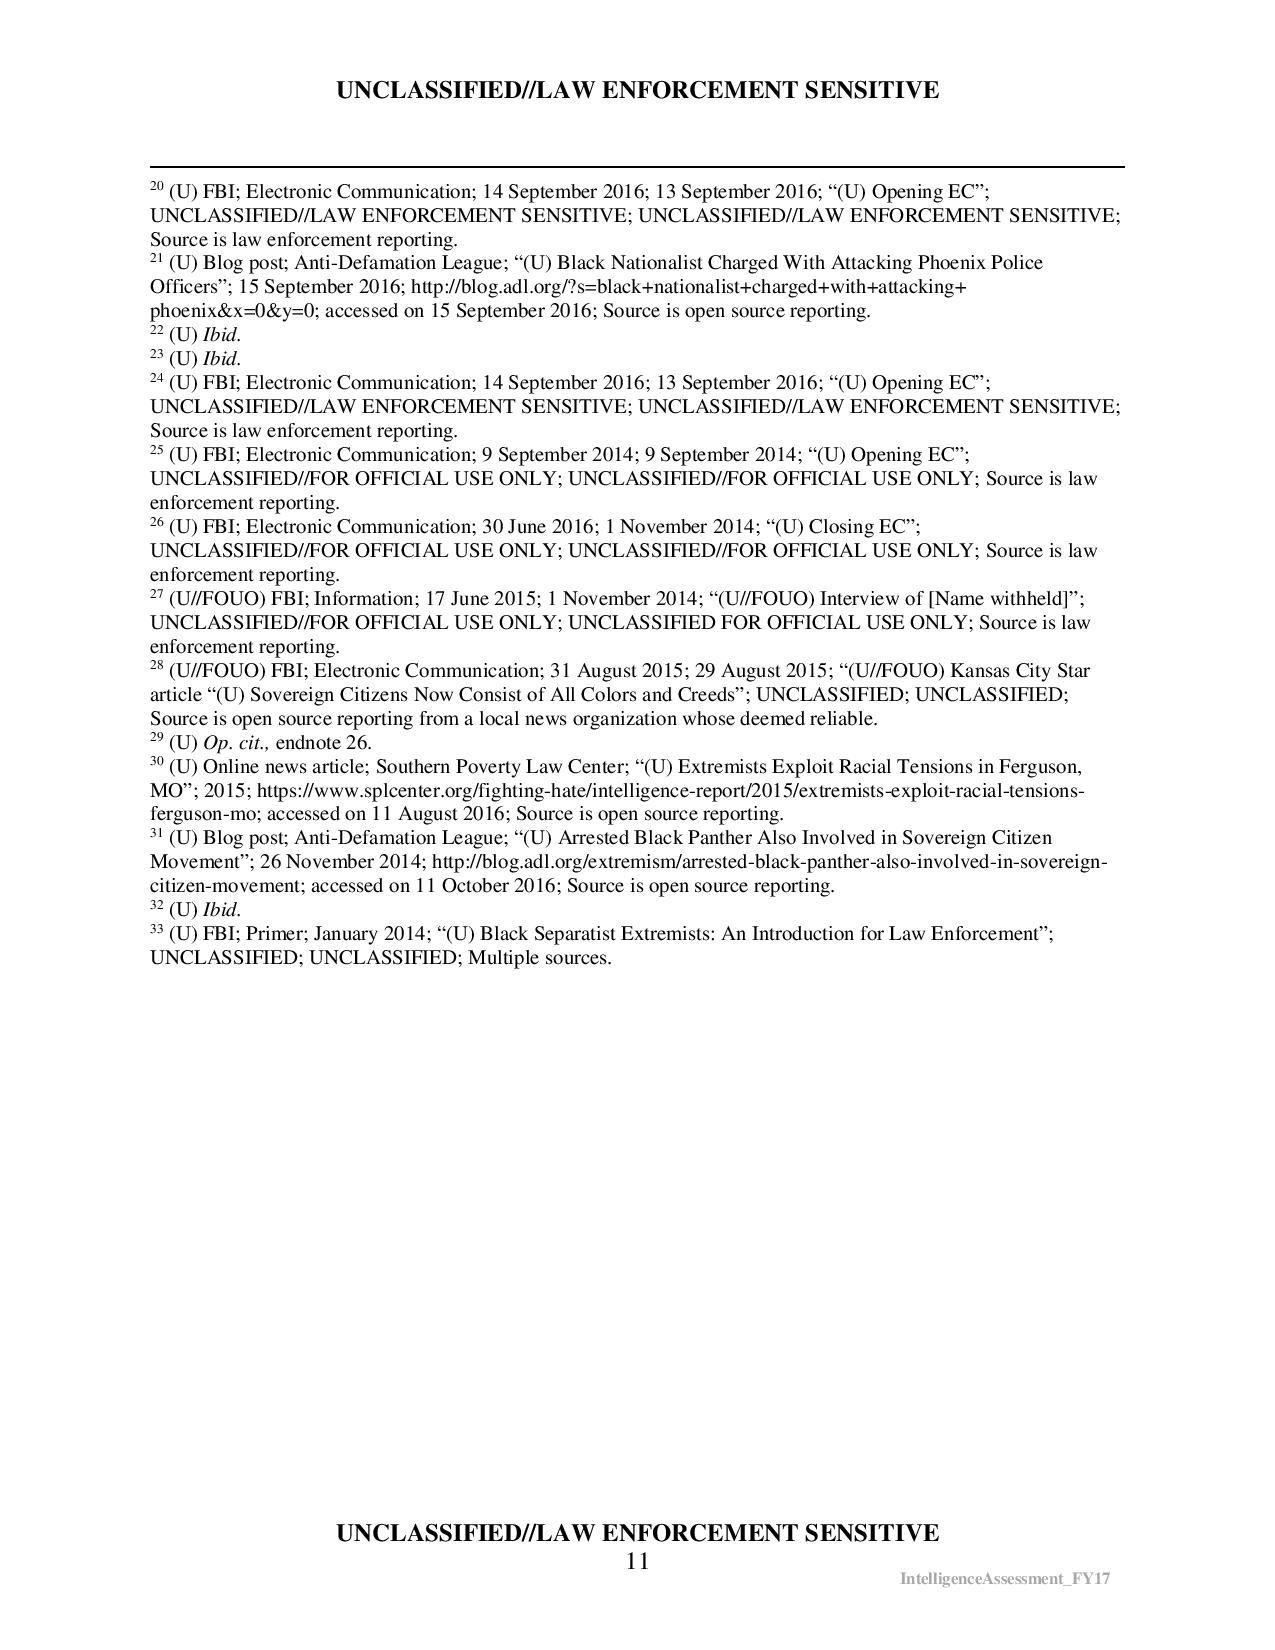 BIE-Redacted-page-011.jpg